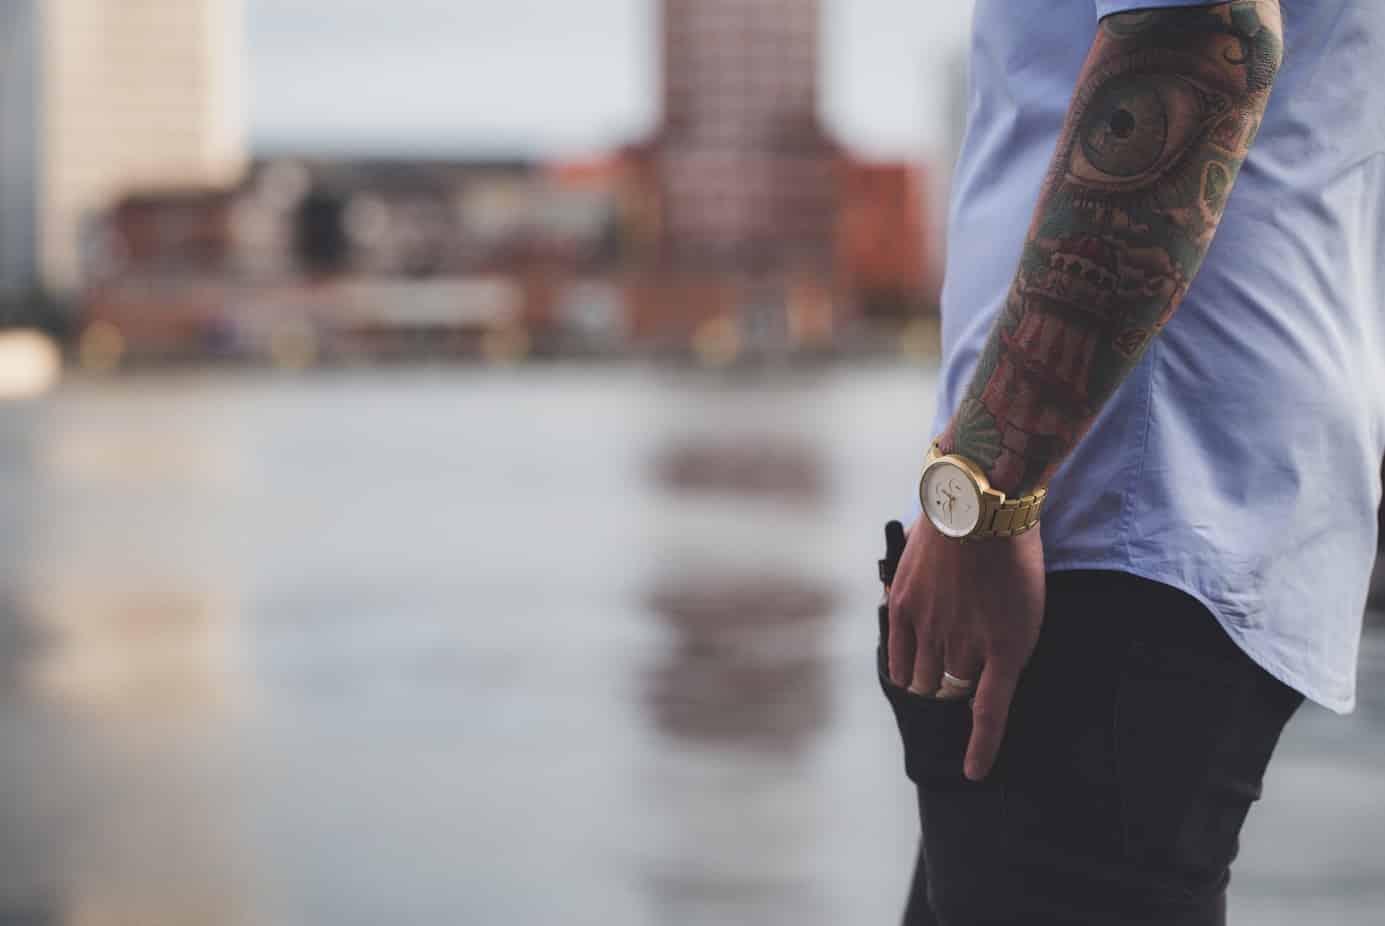 Investir dans les montres de luxe : de belles opportunités de placement